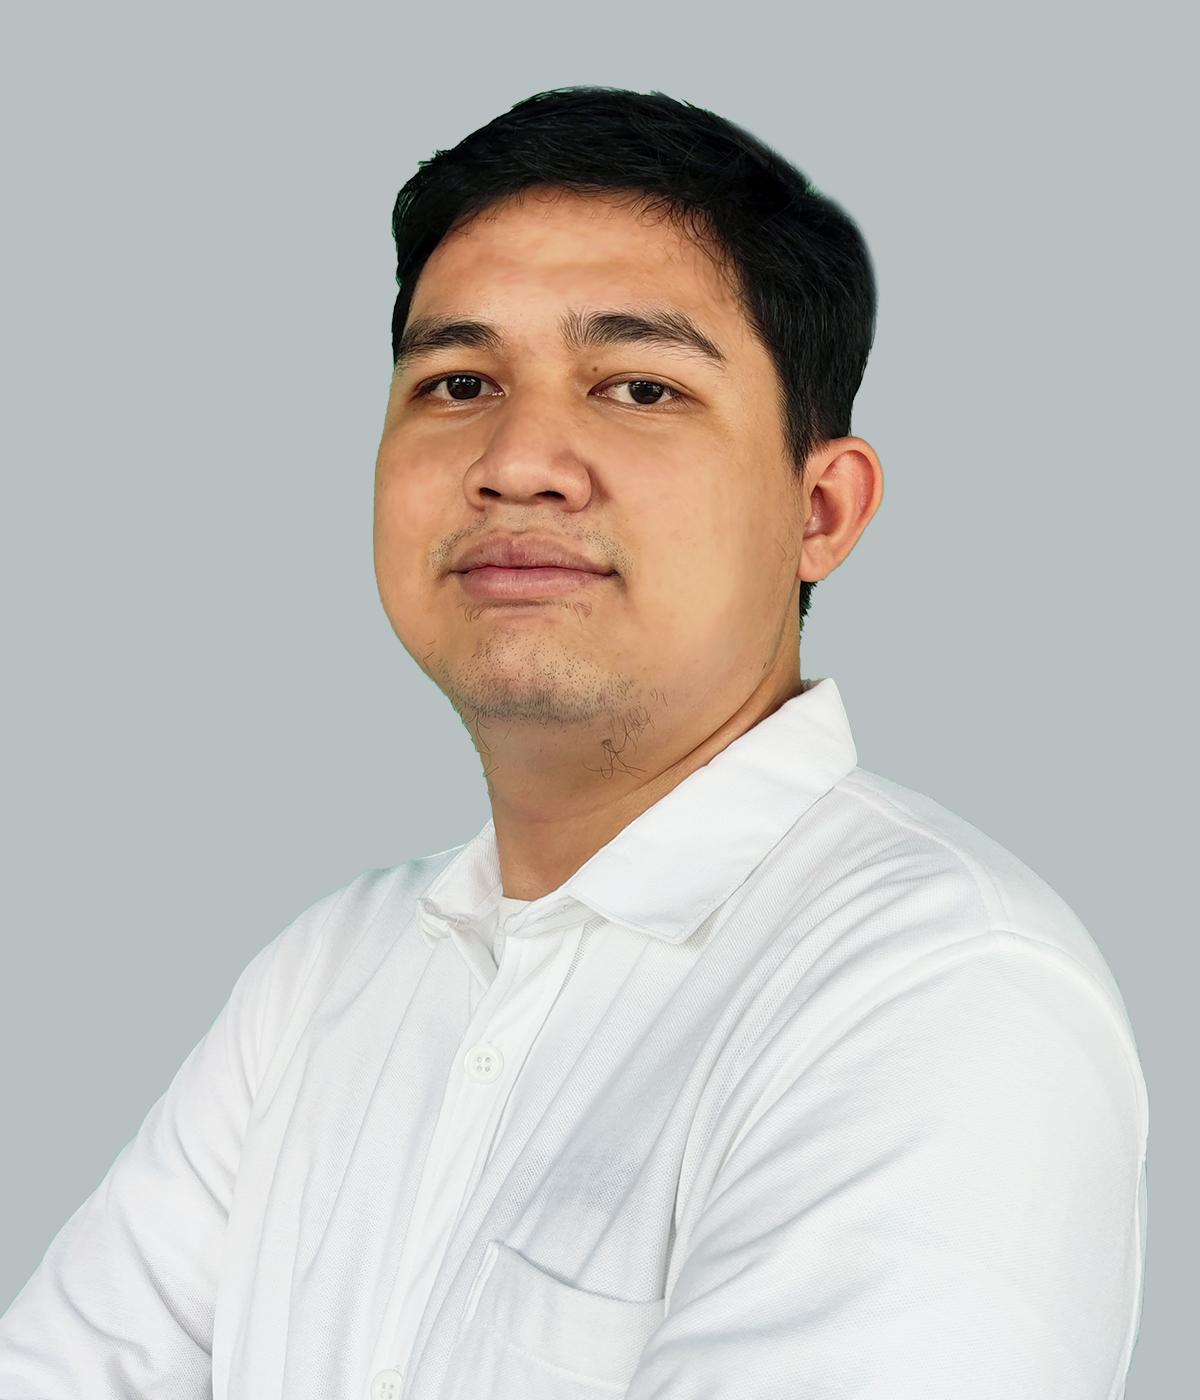 Abdurrahman Naufal - Indonesiabaik.id